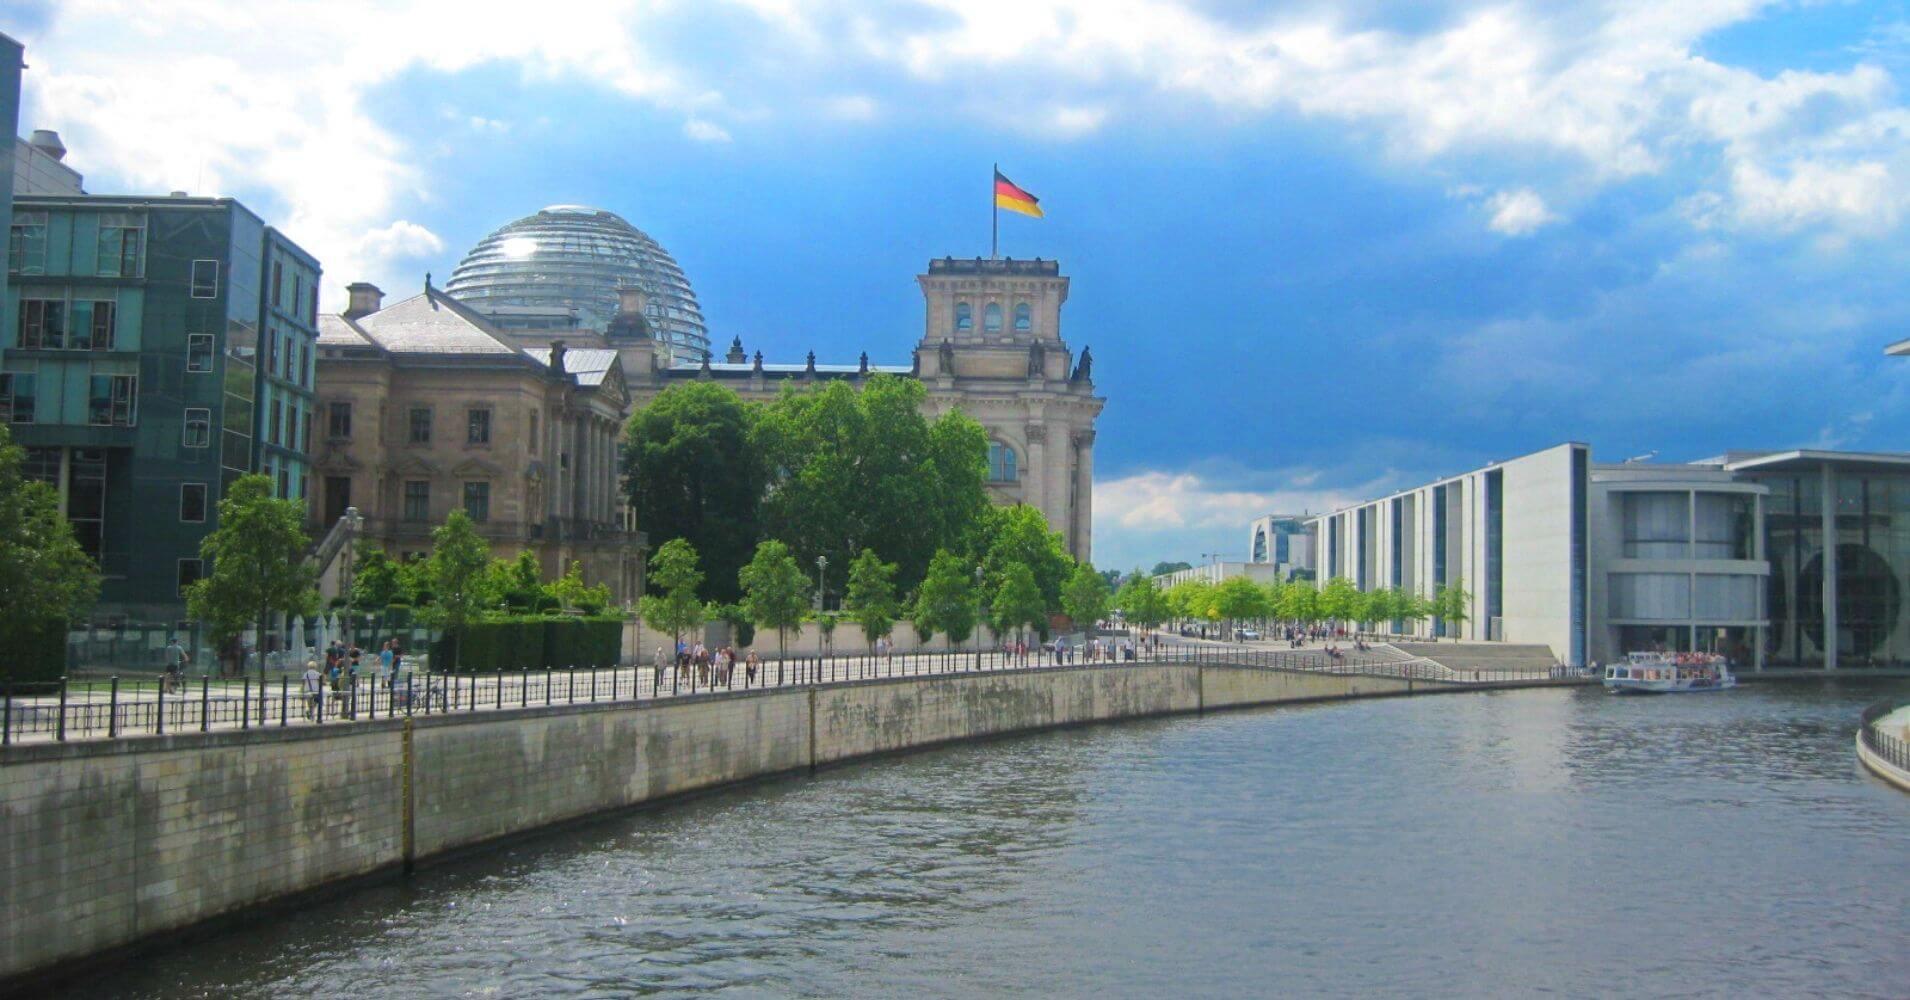 El Edificio del Parlamento. Reichstag. Capital de Alemania.